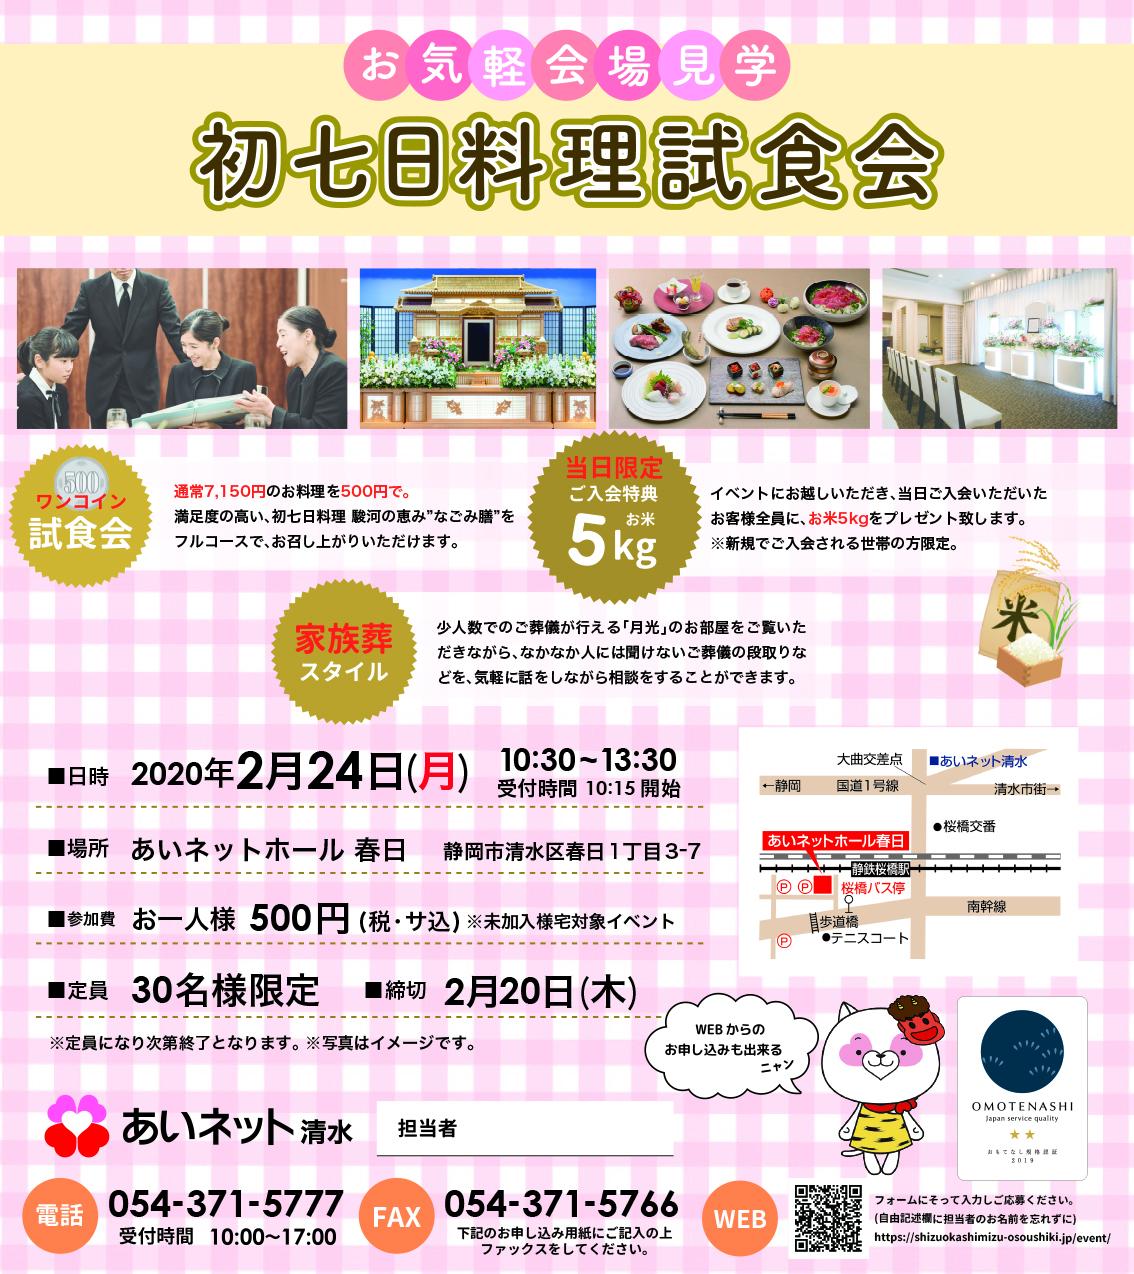 【2/24(月振)開催】人気の試食付相談会~未会員様宅対象~